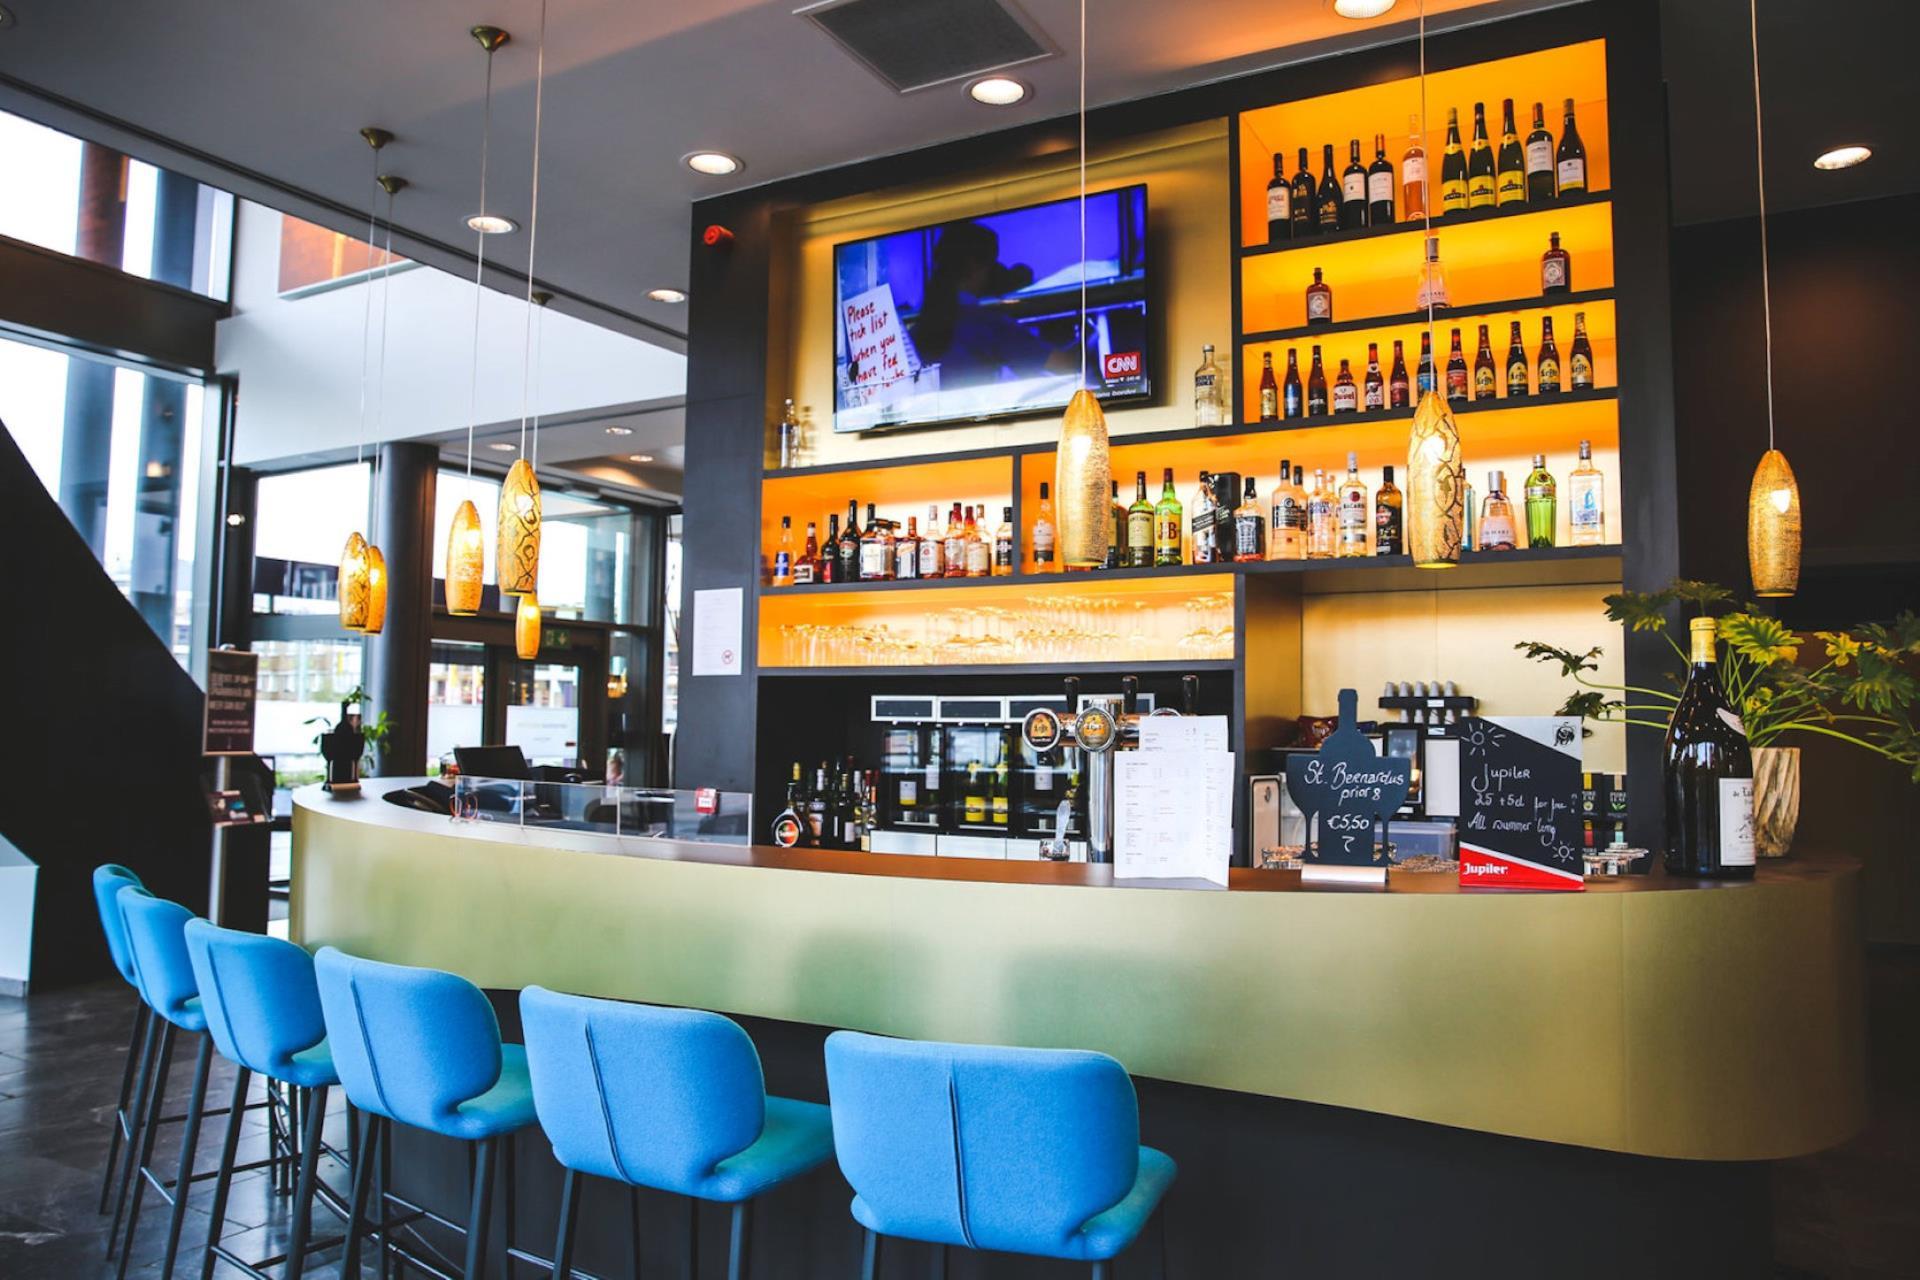 Bar-salon agréable avec une excellente carte des vins